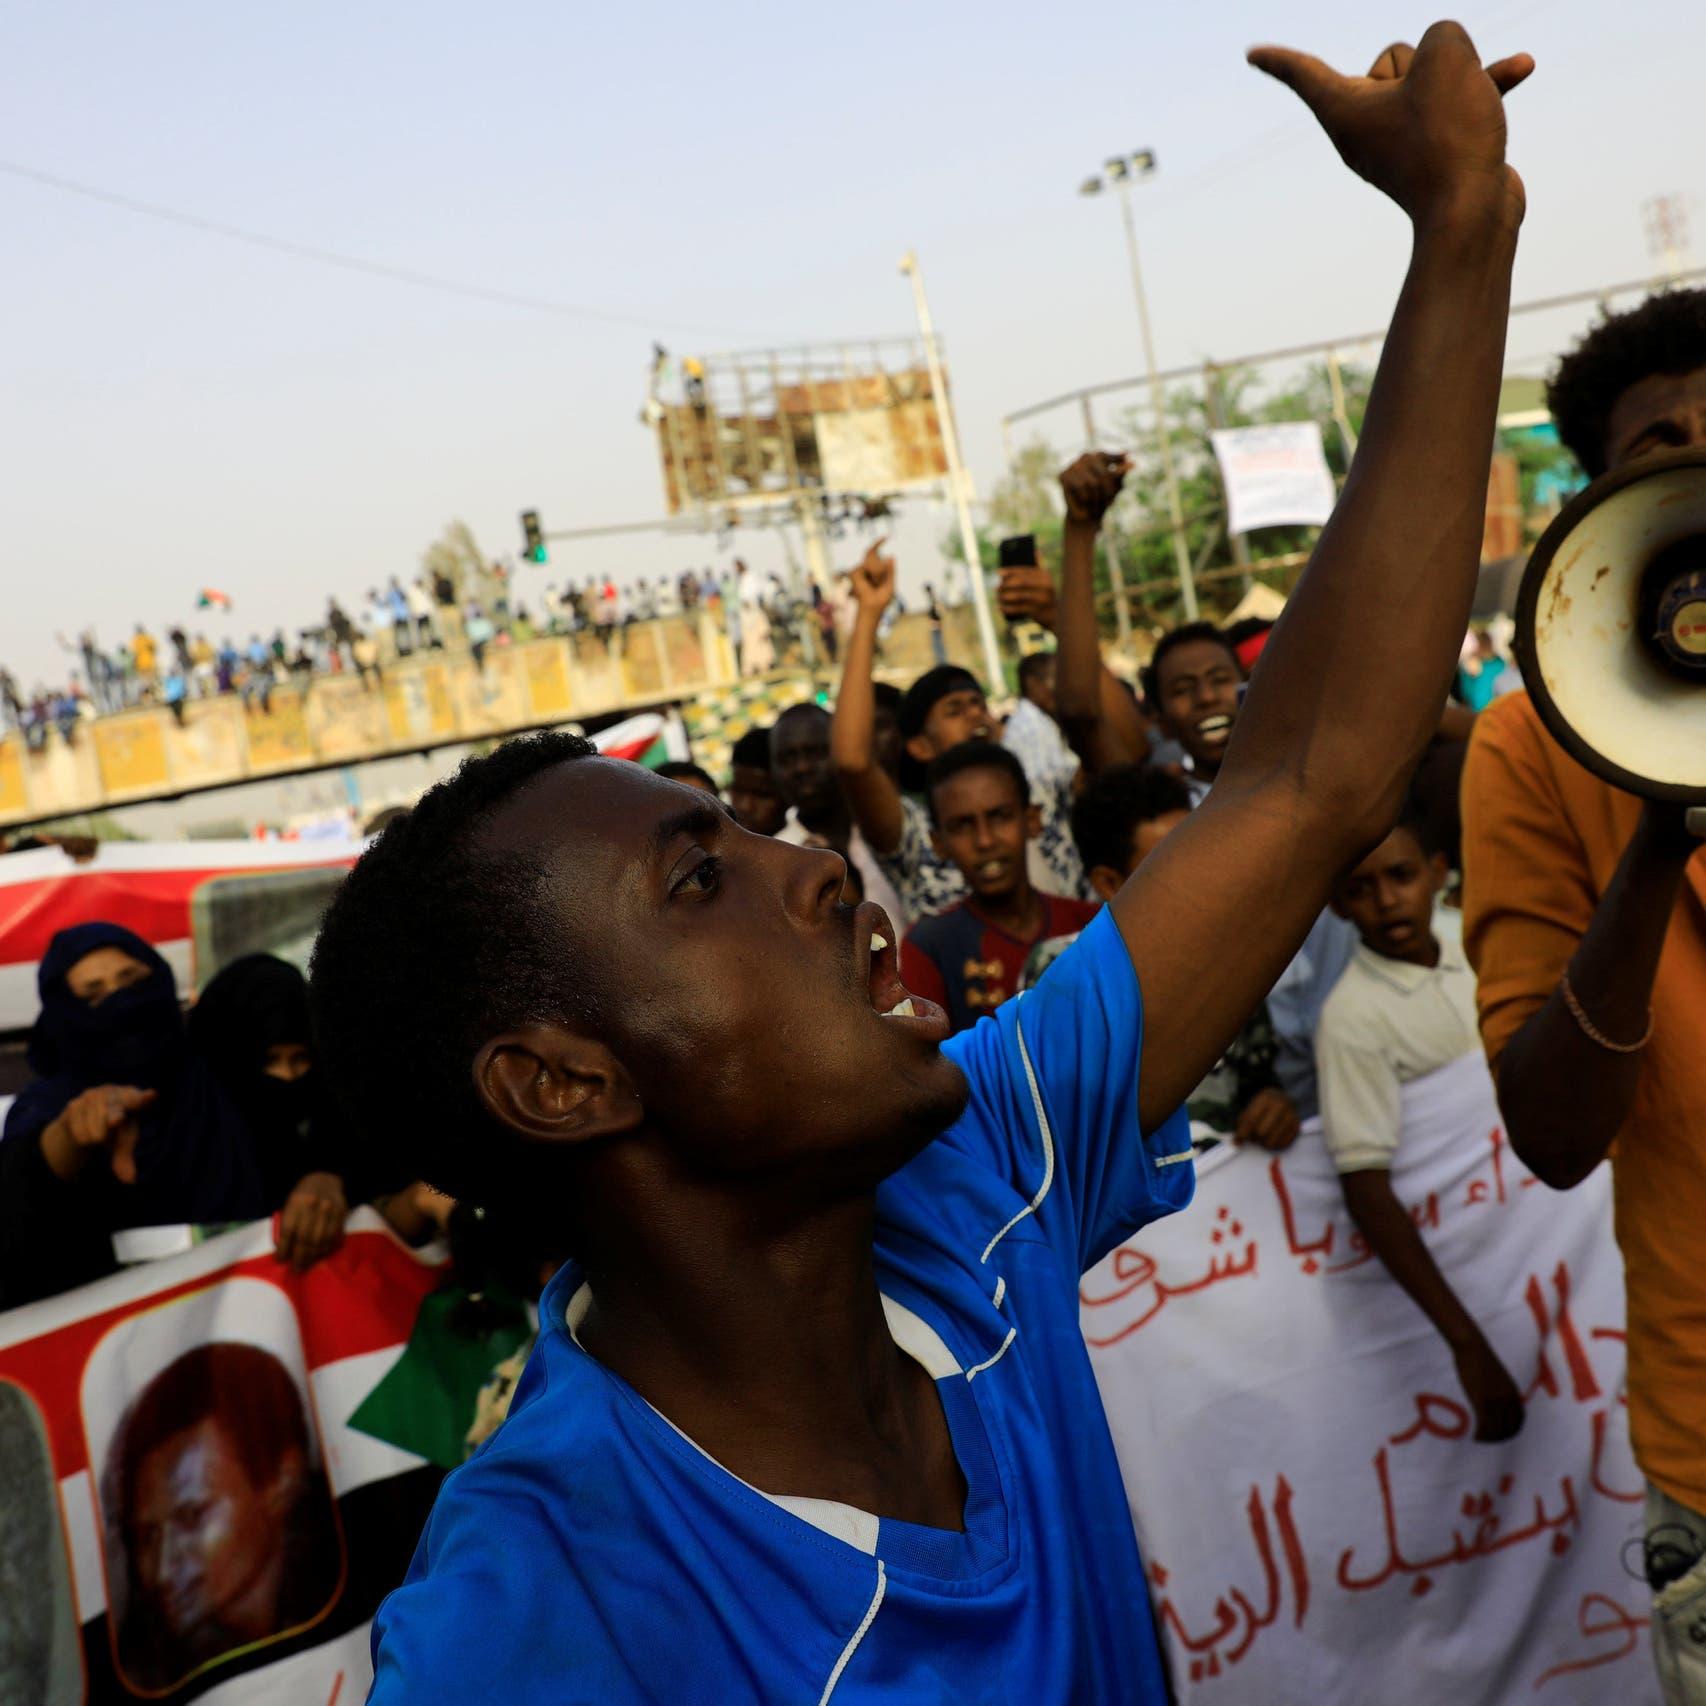 السودان.. استئناف المفاوضات بعد انقضاء 72 ساعة